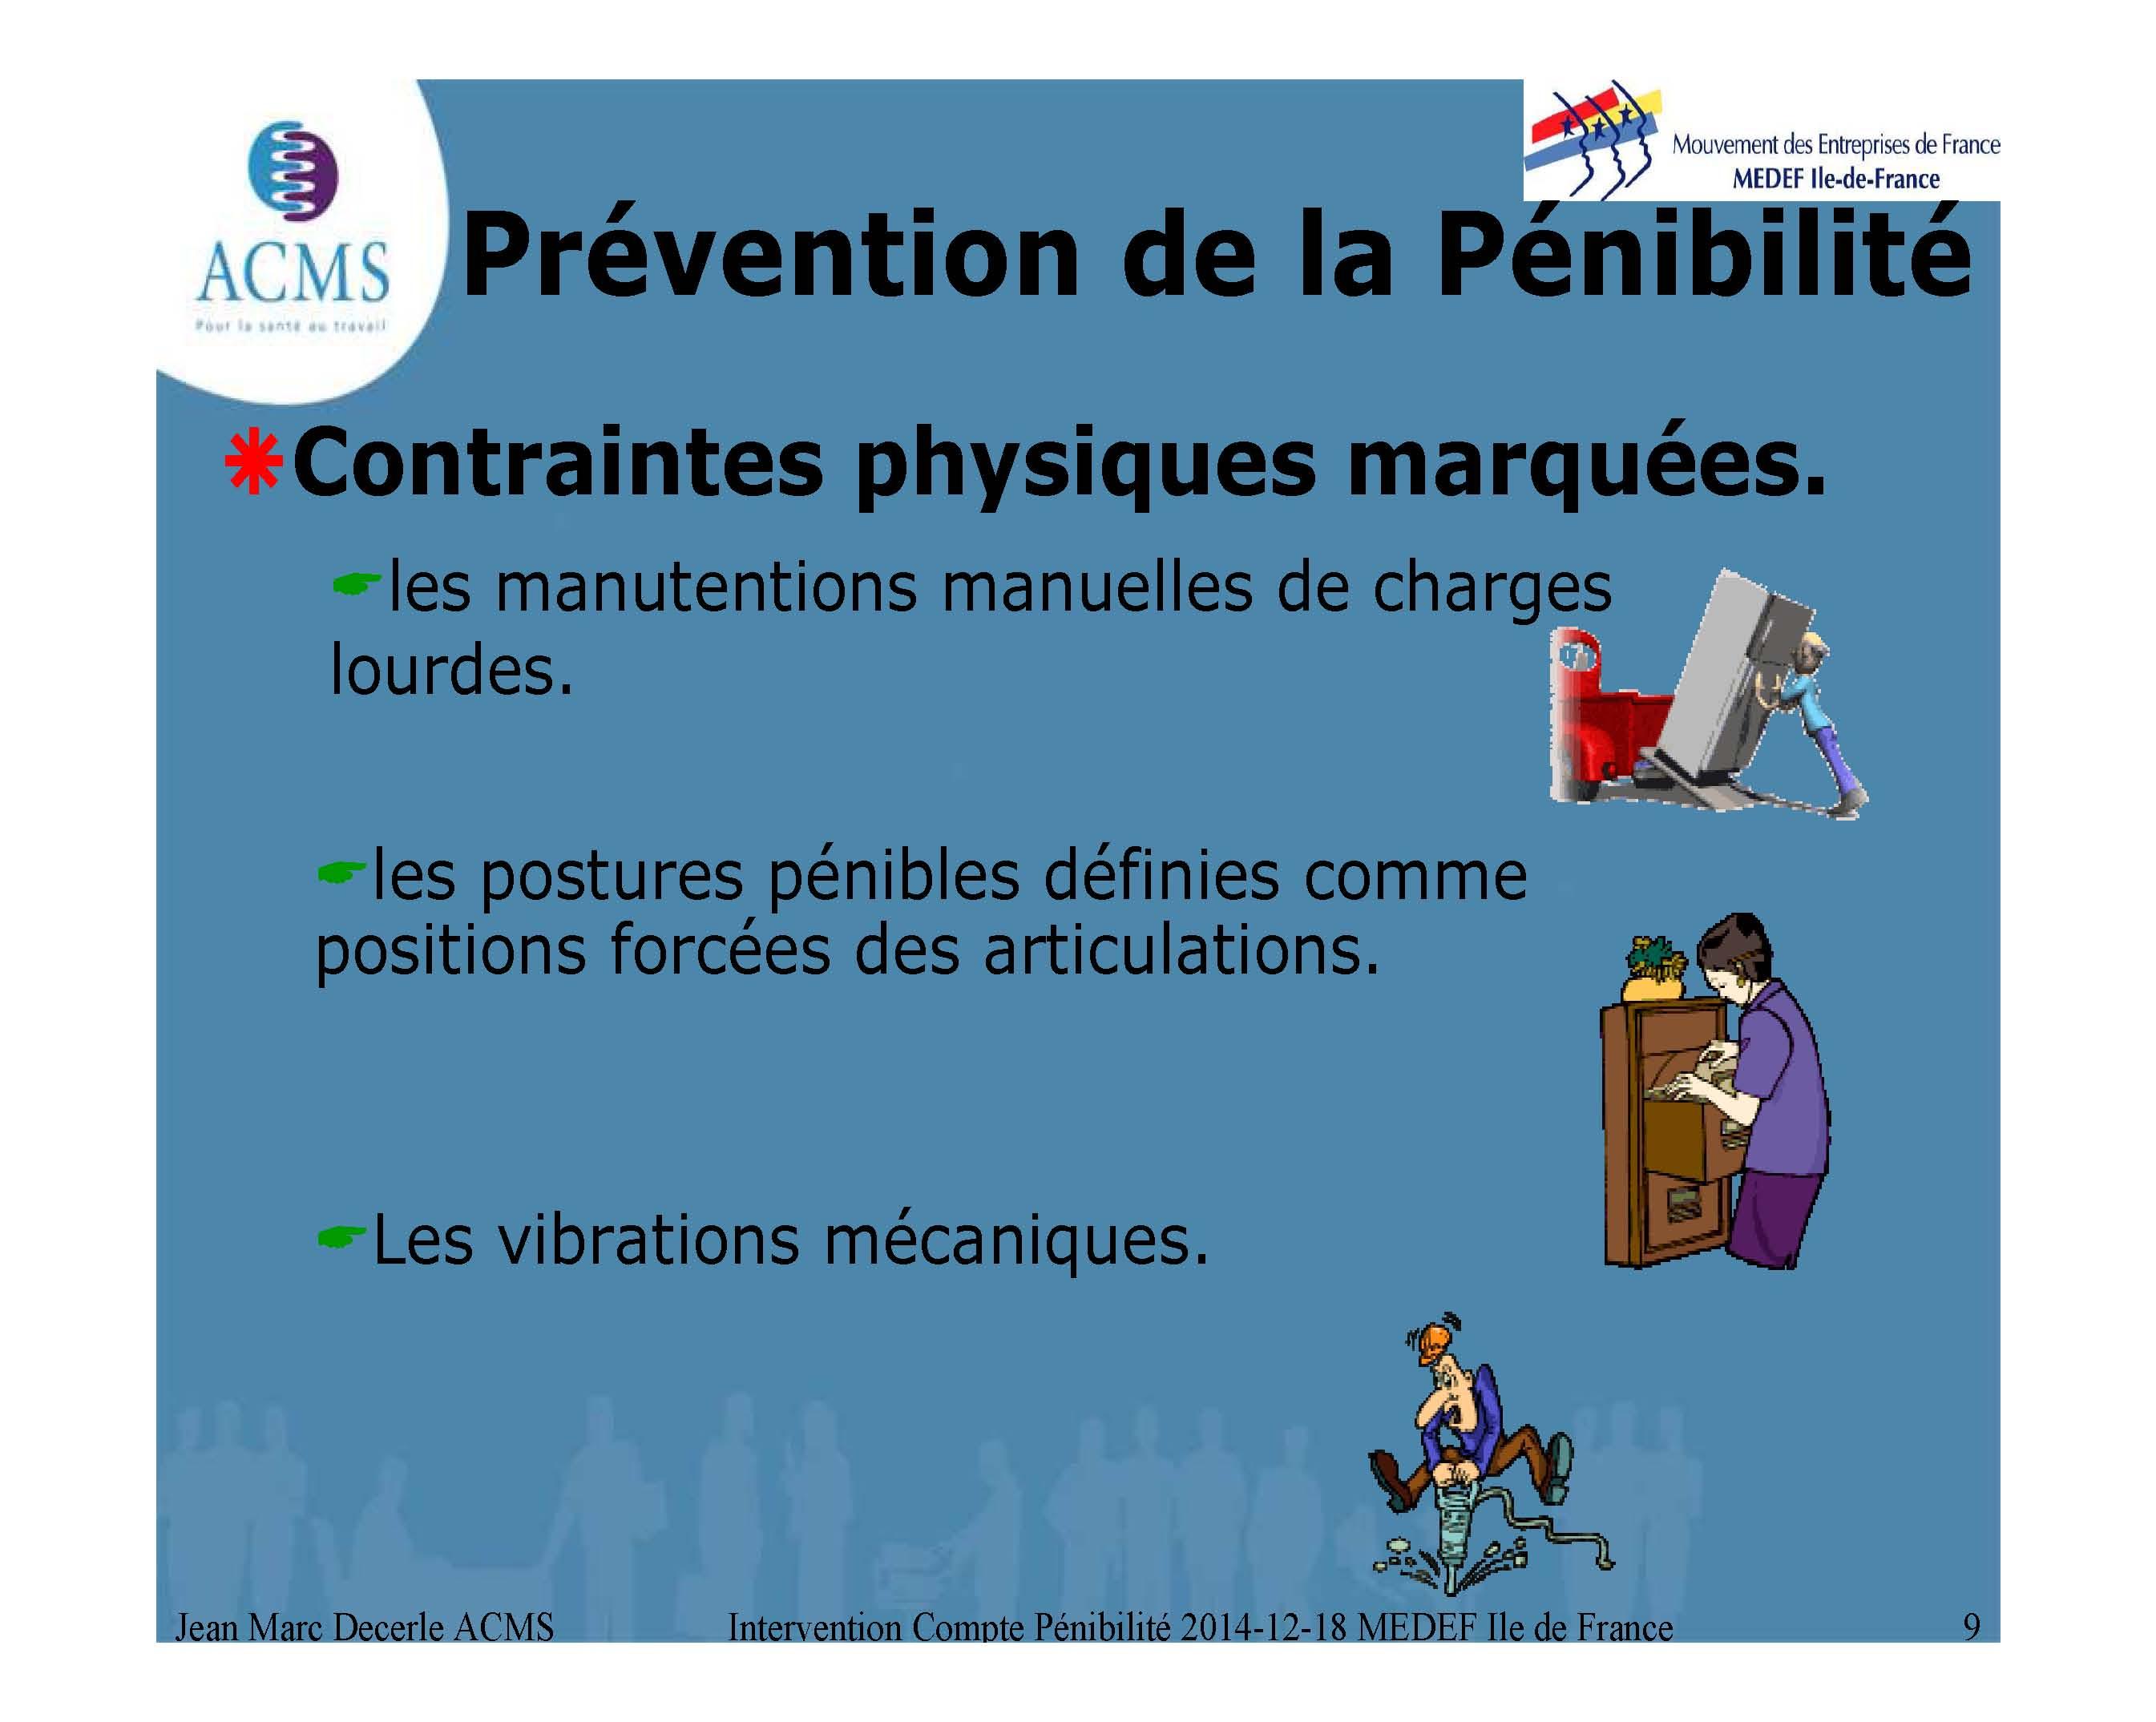 2014-12-18 Compte Pénibilite MEDEF Ile de France_Page_09